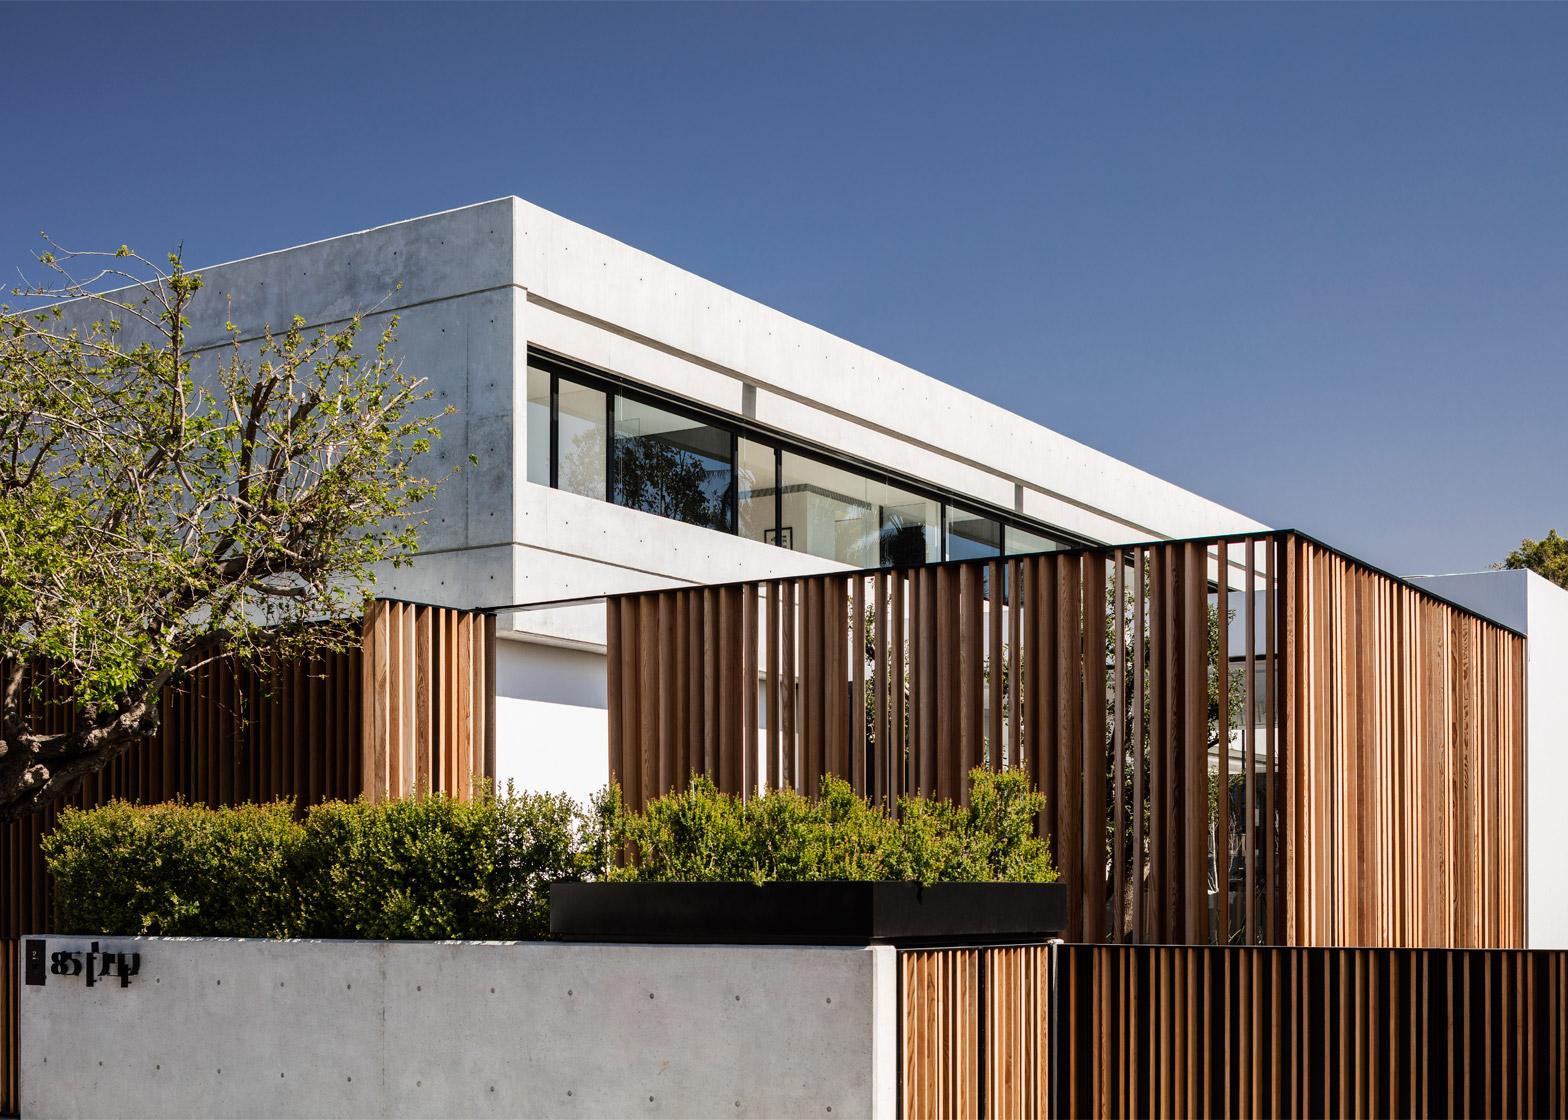 S House by Pitsou Kedem